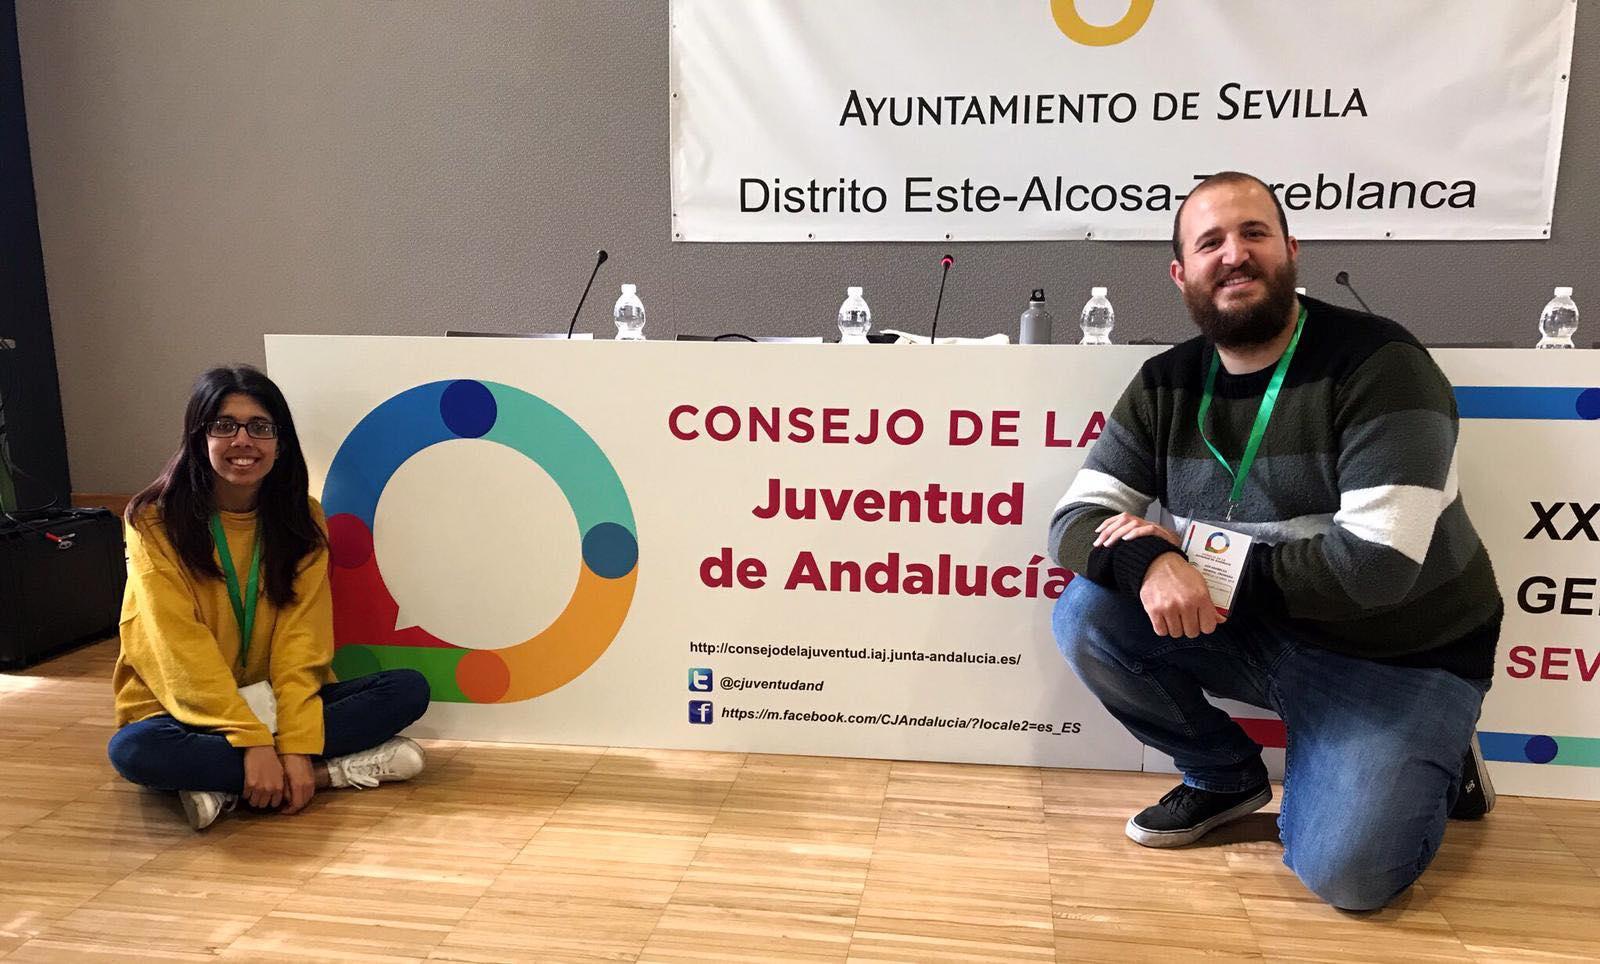 ASAMBLEA DEL CONSEJO DE JUVENTUD DE ANDALUCÍA